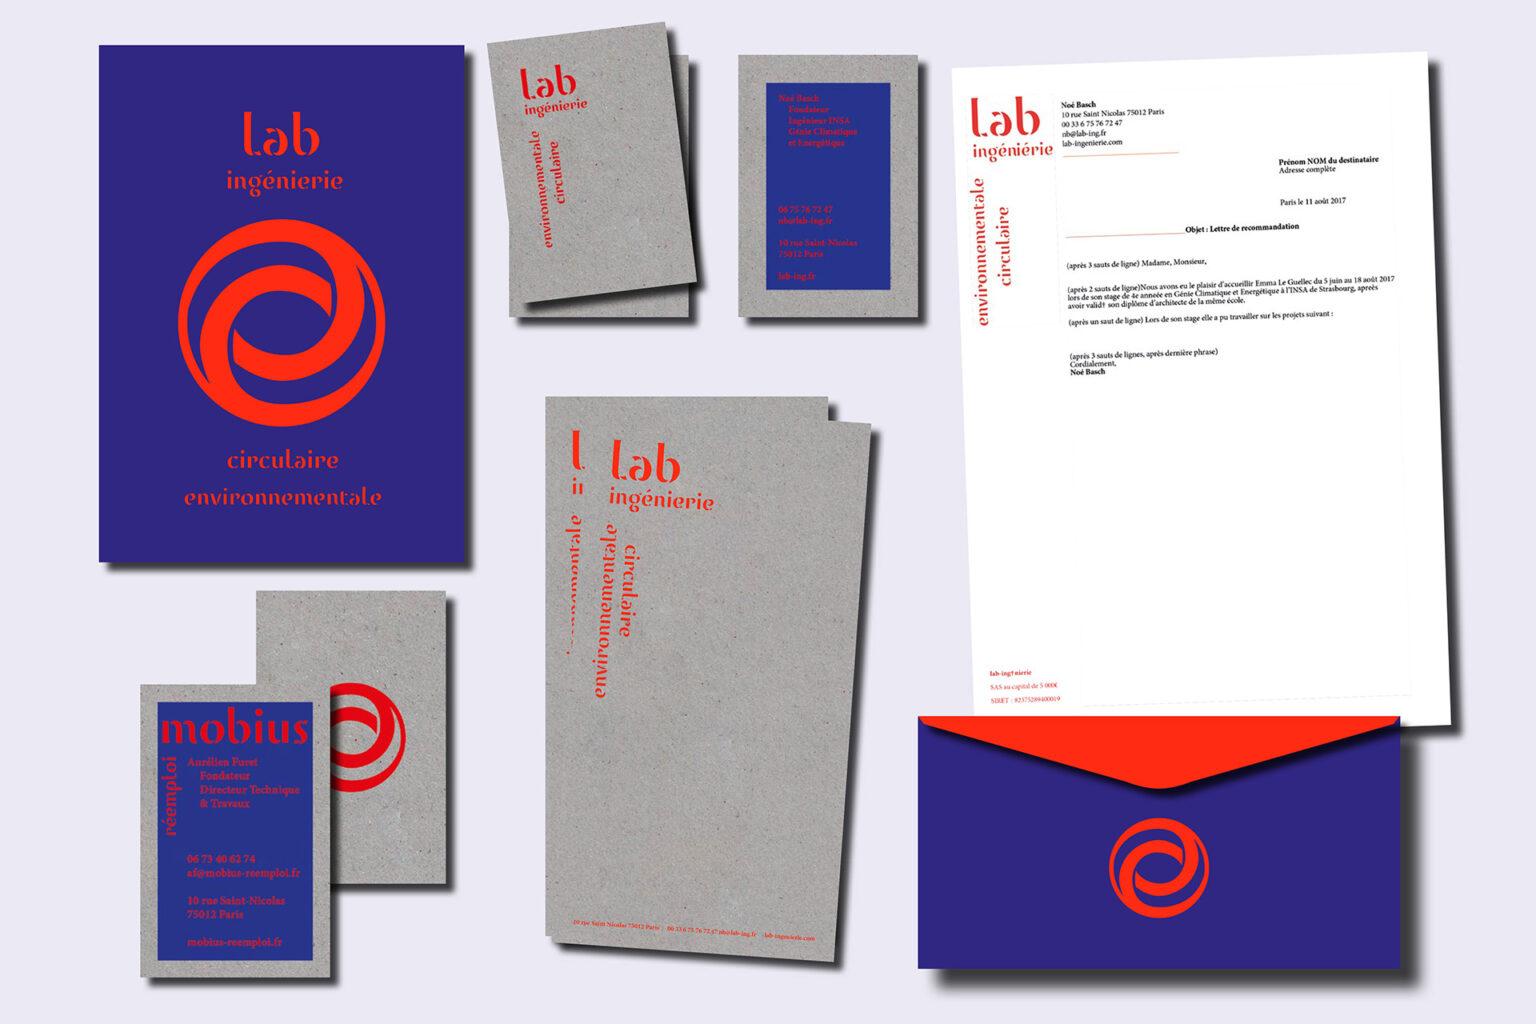 Lab ingénierie - Mobius - Identité visuelle